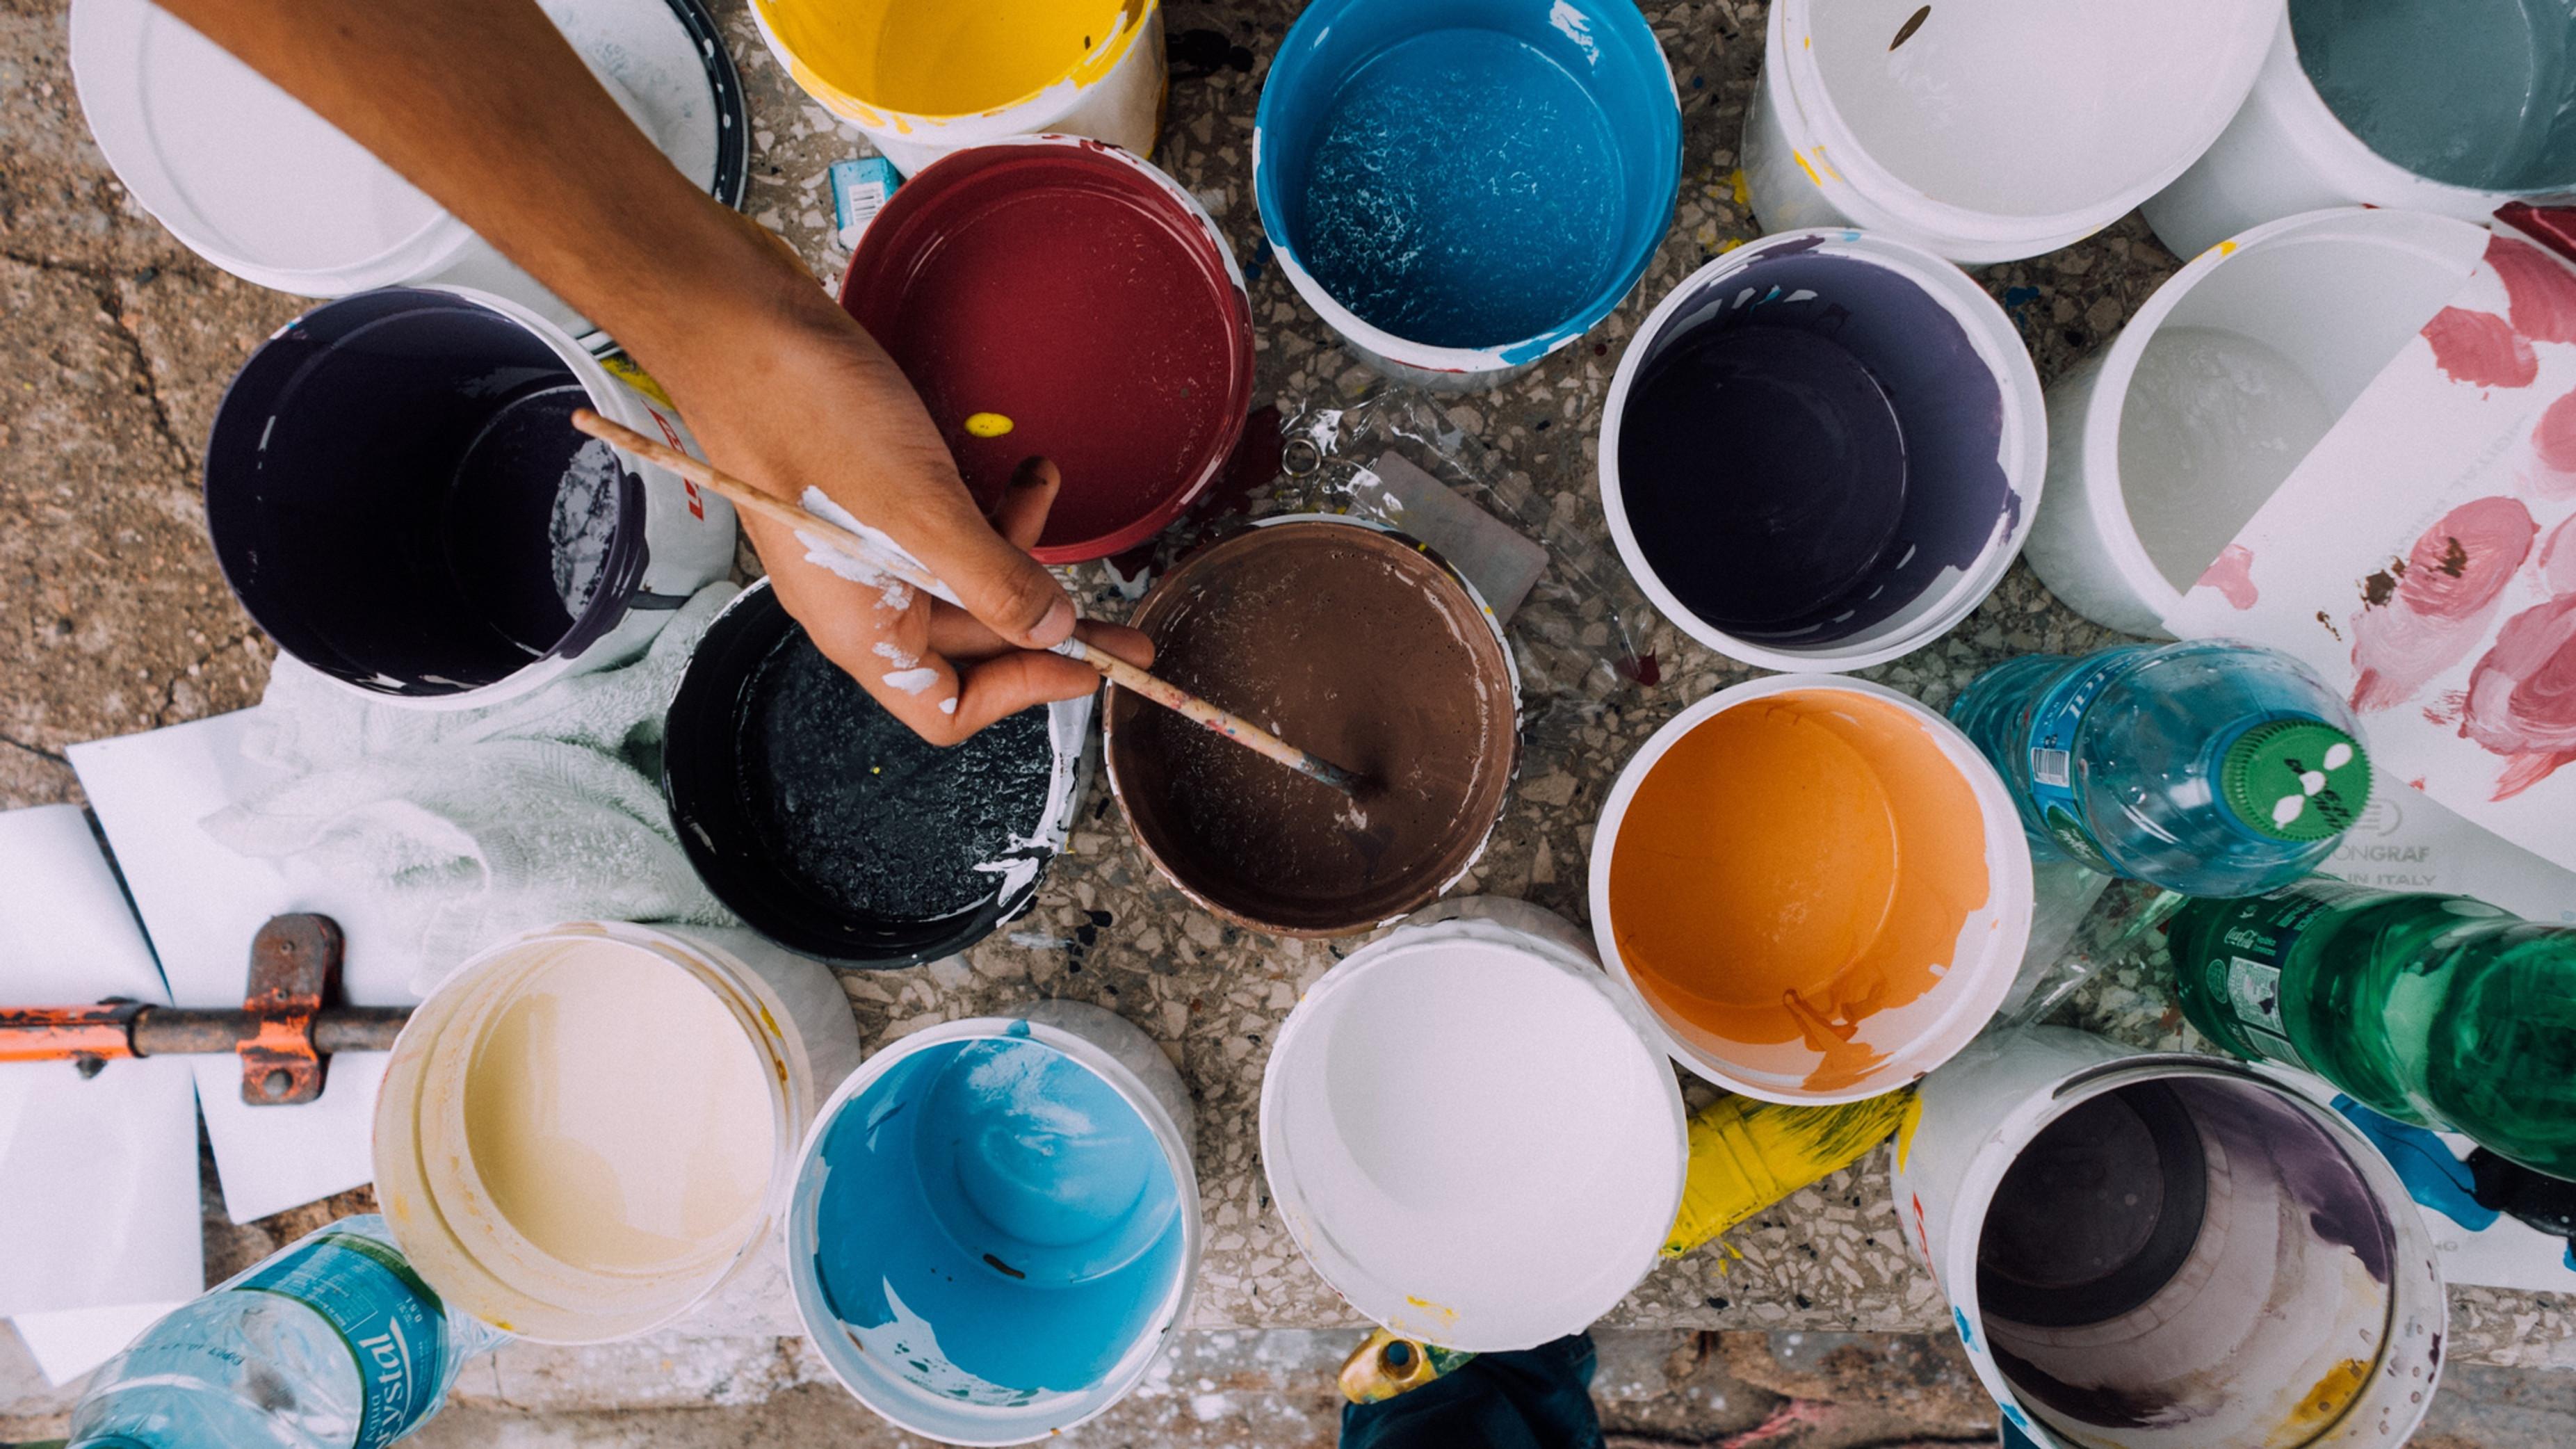 Paint & Party